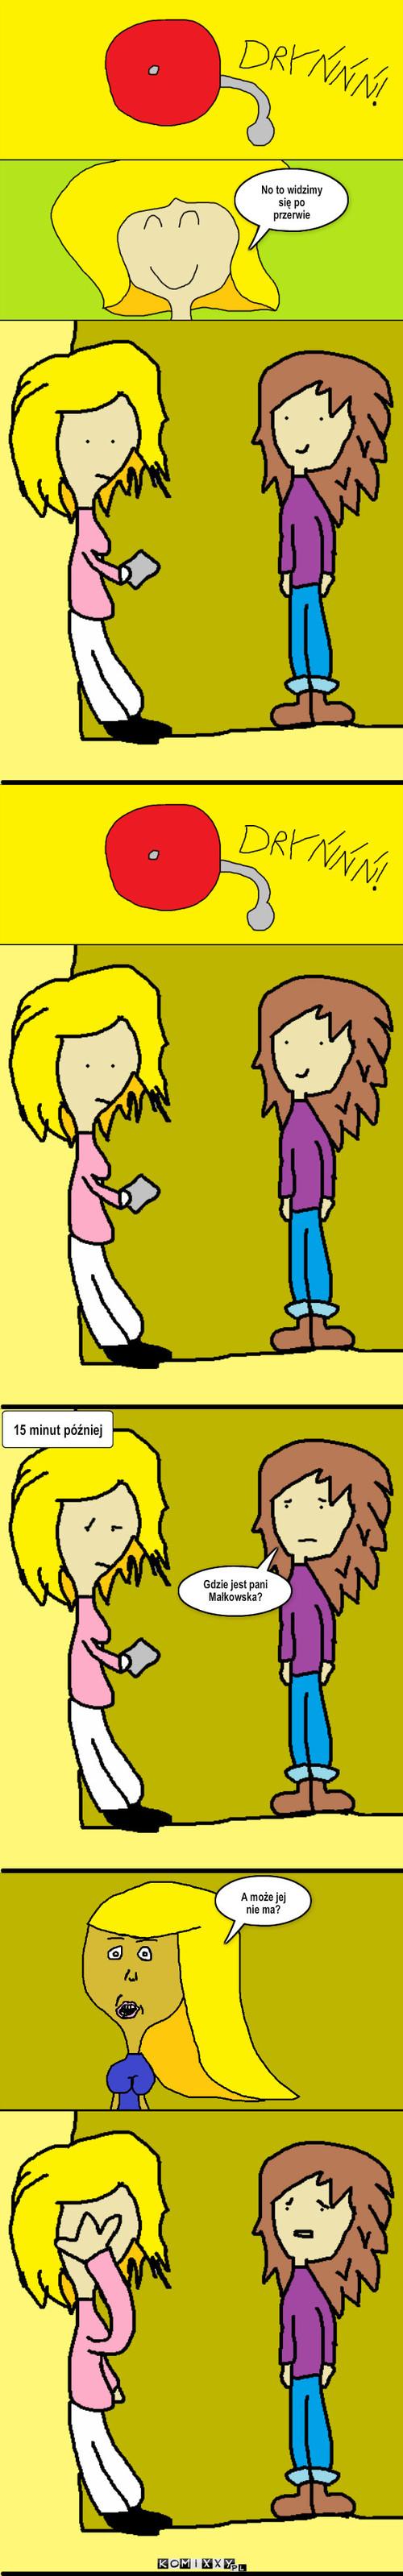 Nastolatki #11 – No to widzimy się po przerwie 15 minut później Gdzie jest pani Małkowska? A może jej nie ma?